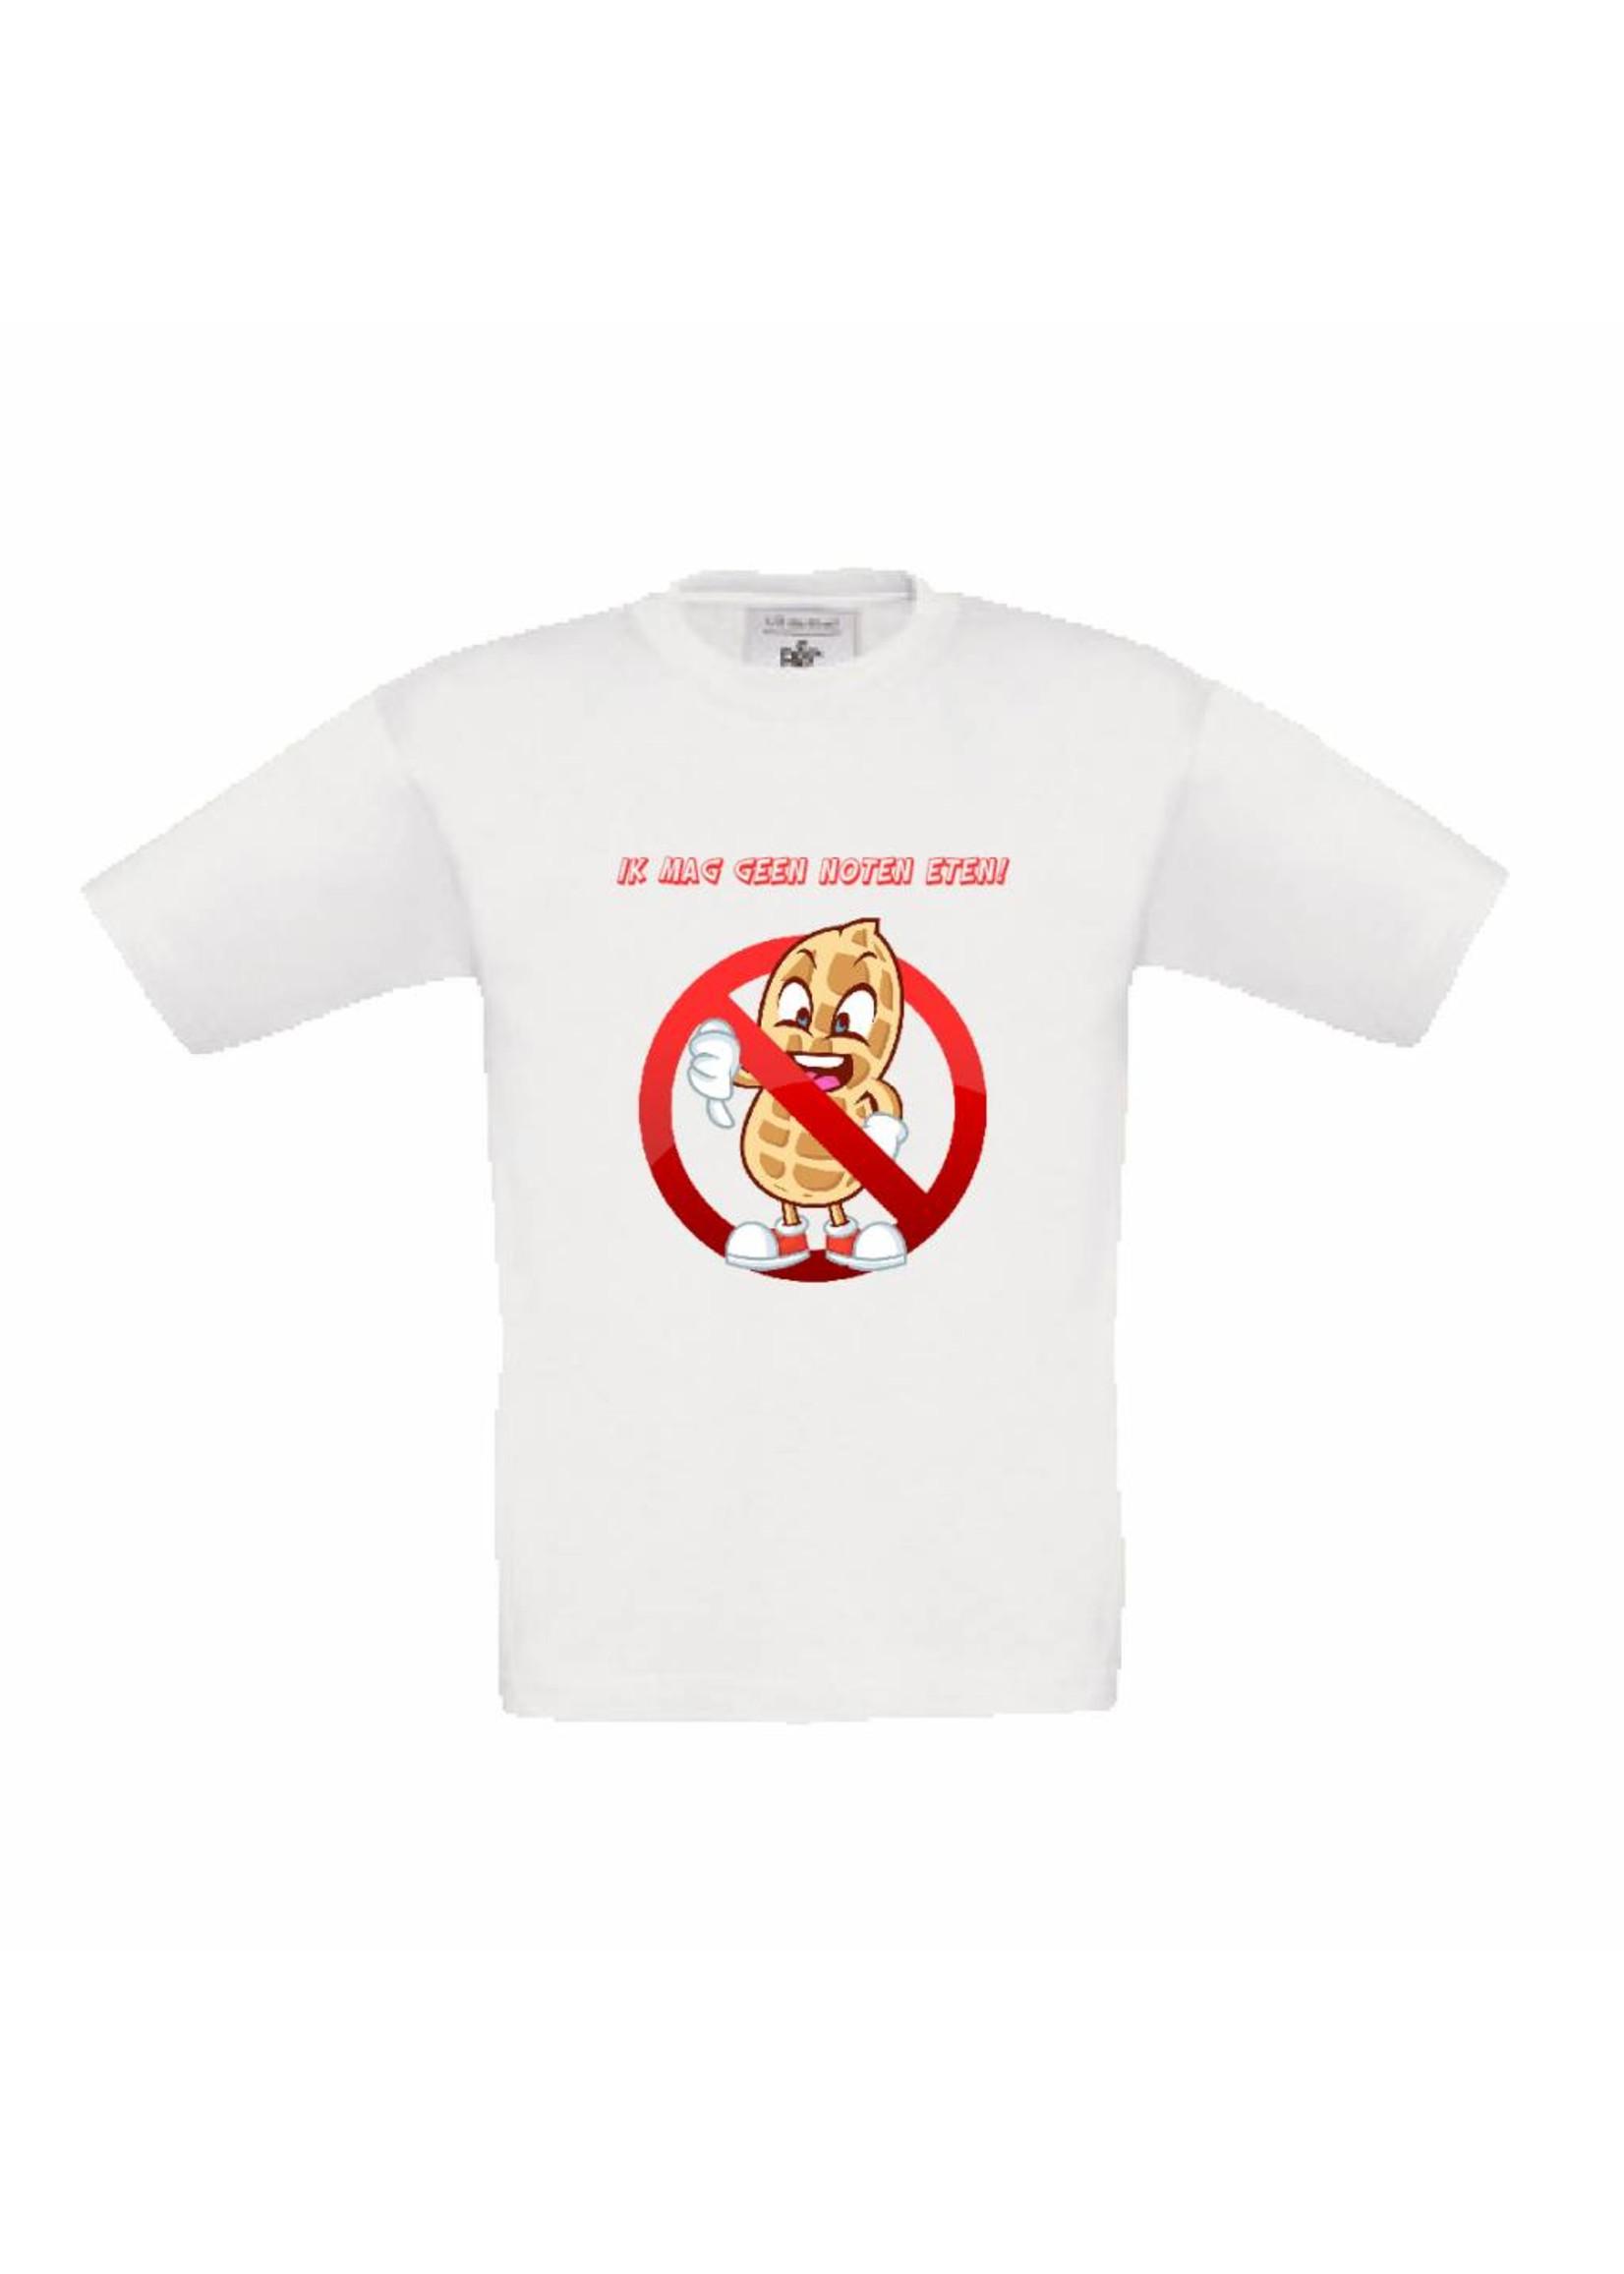 Notenallergie t-shirt